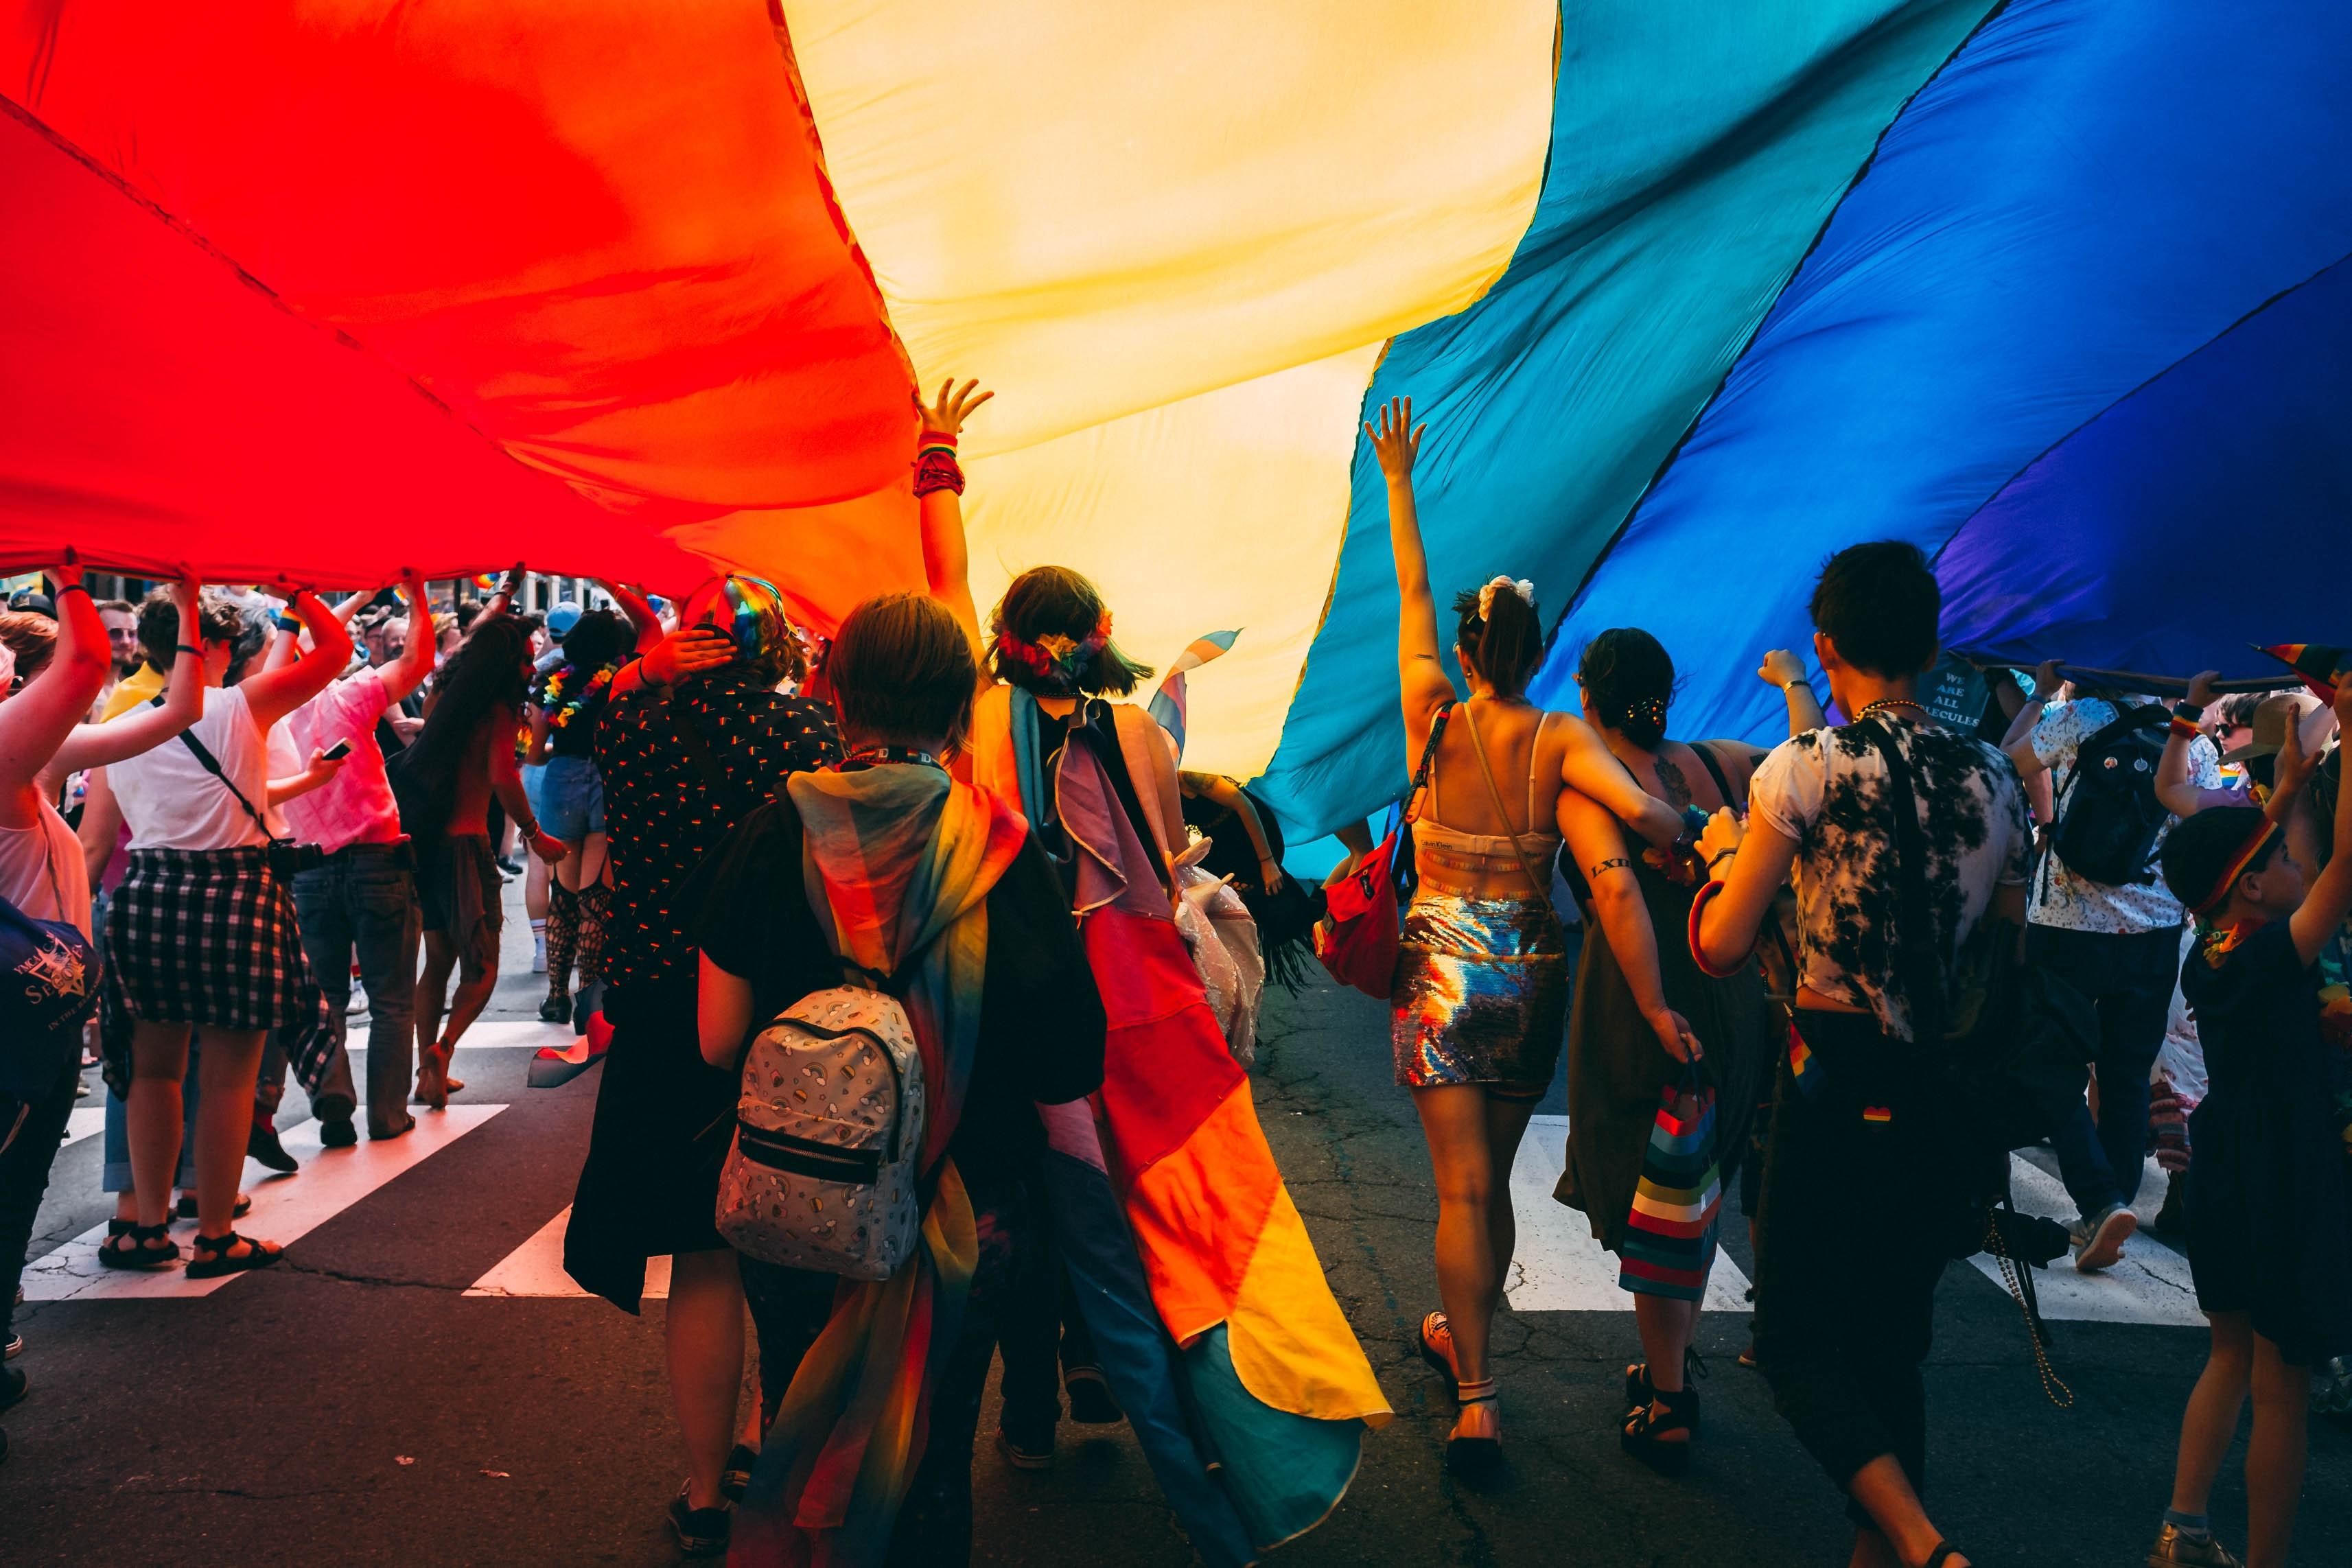 Marcha do Orgulho LGBTI+ volta a sair à rua em Lisboa